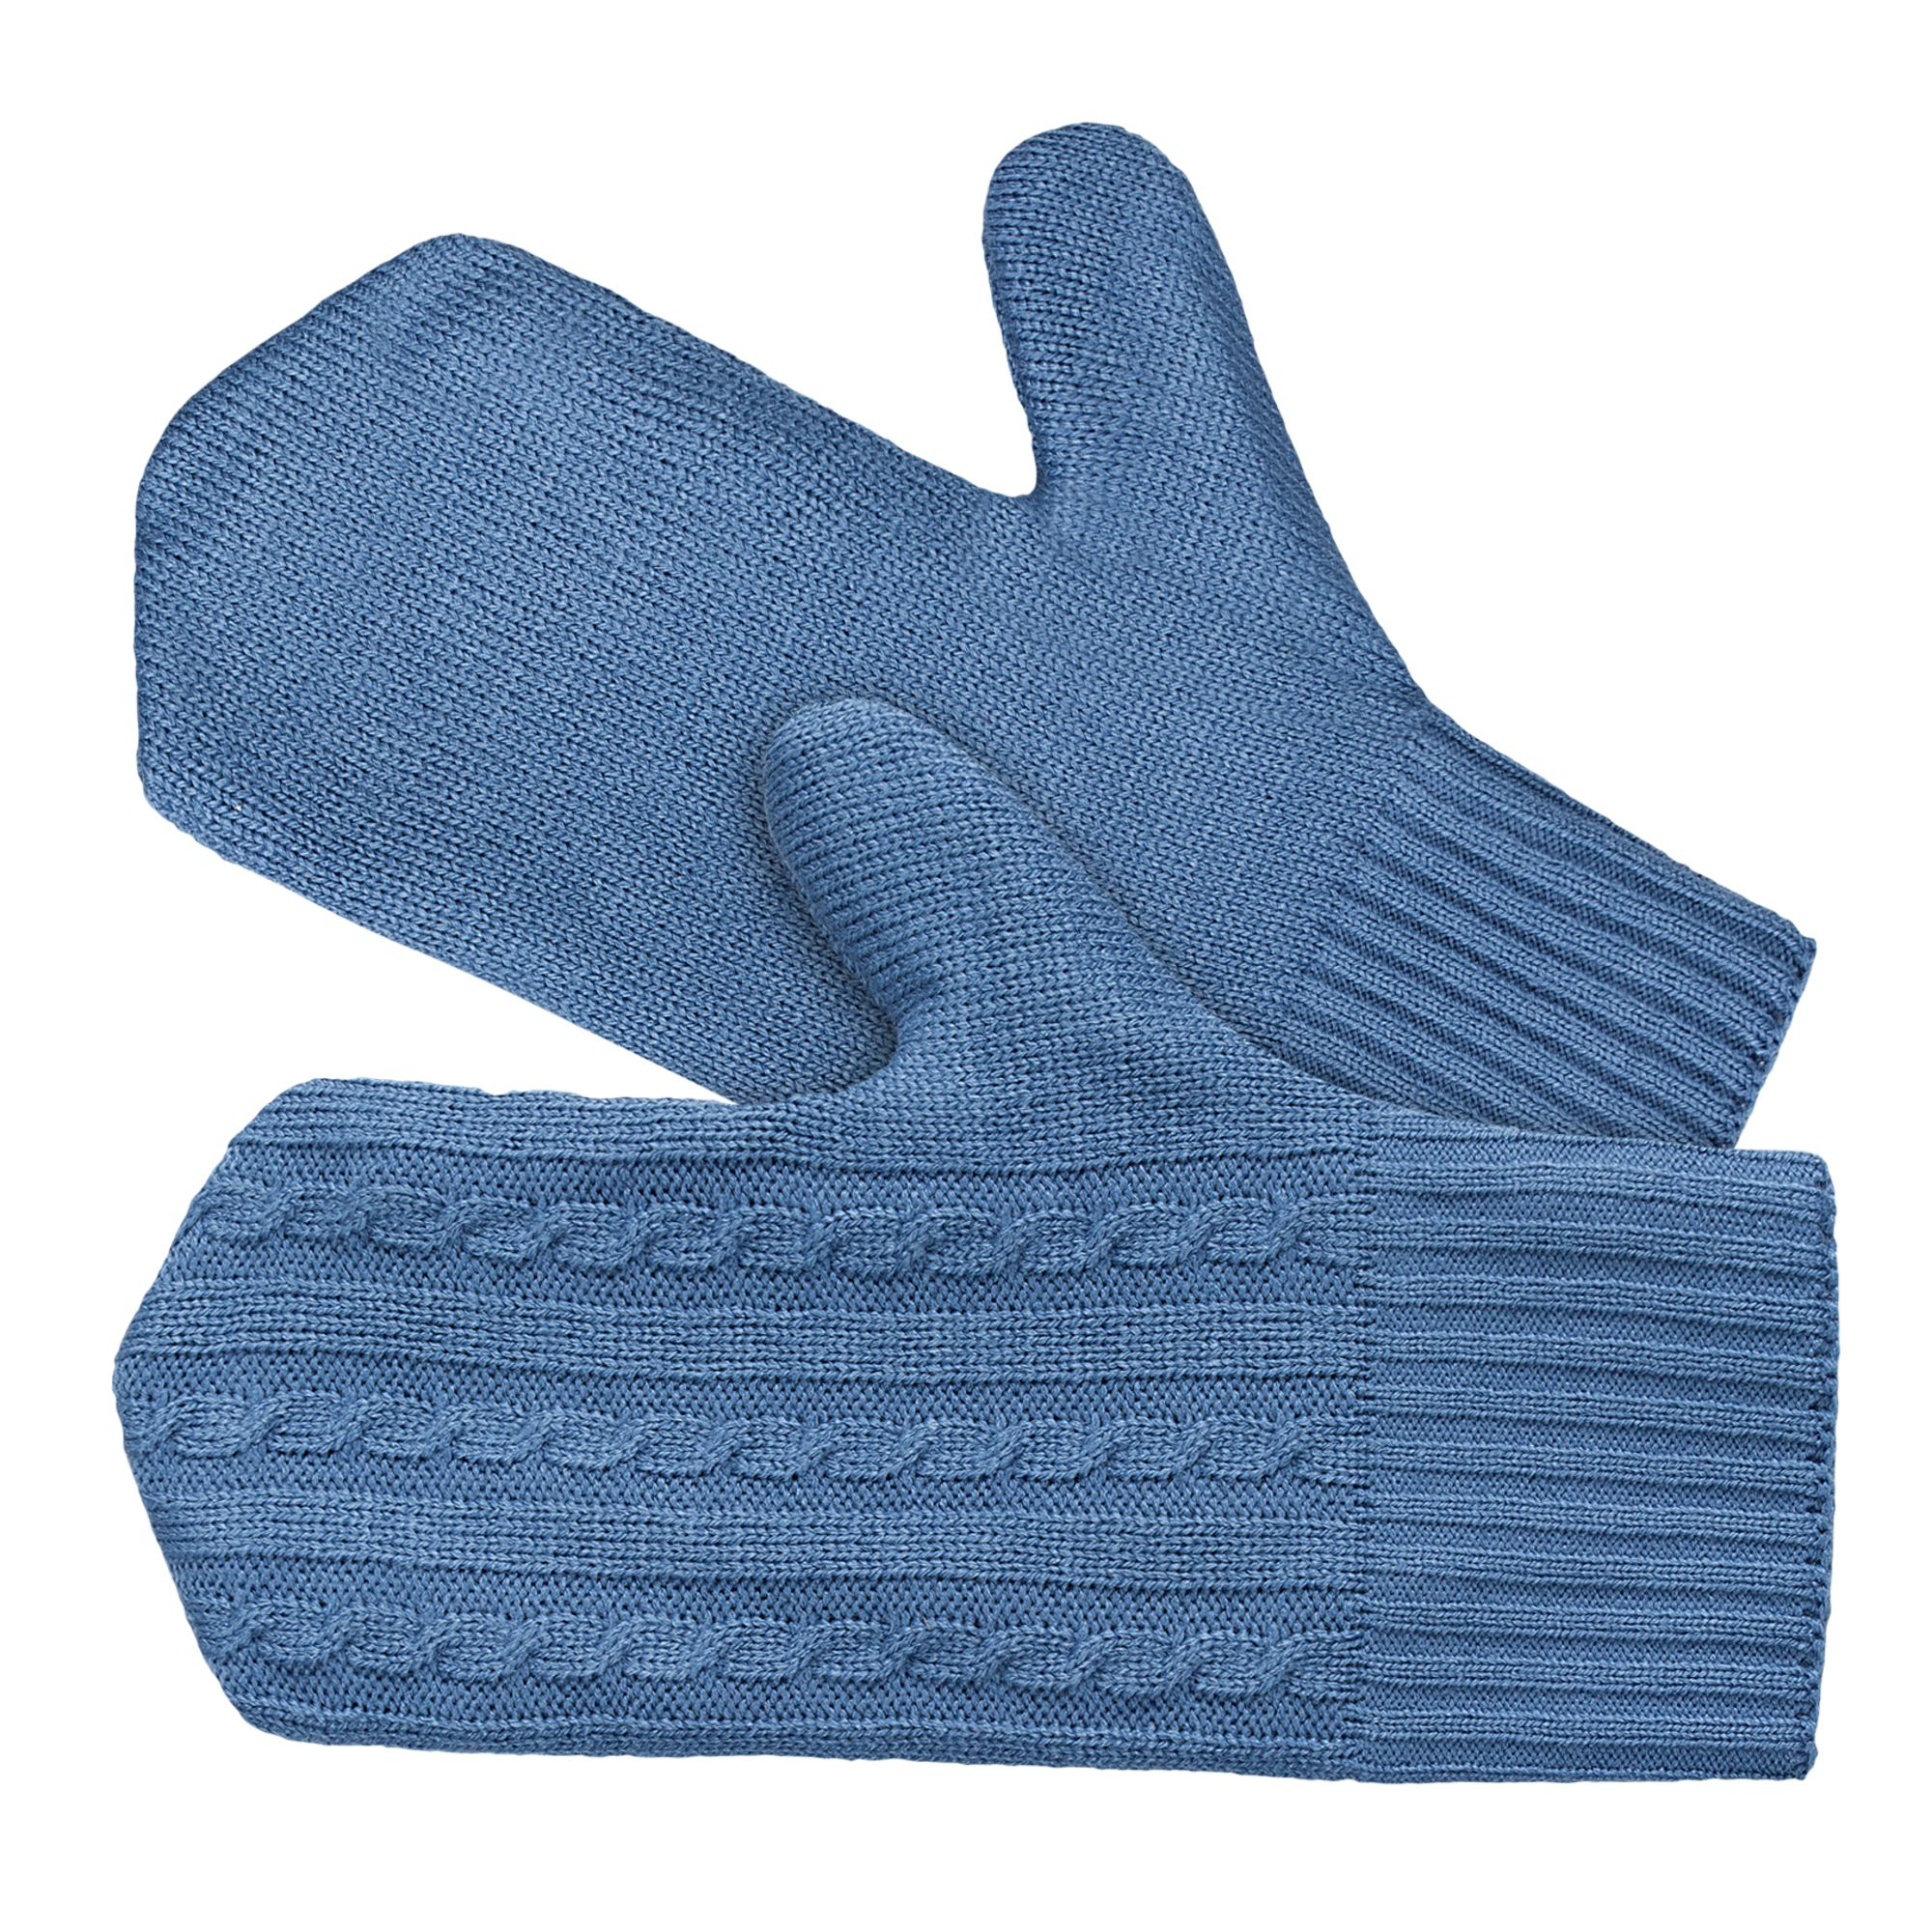 Варежки Comfort Up, синие (индиго)